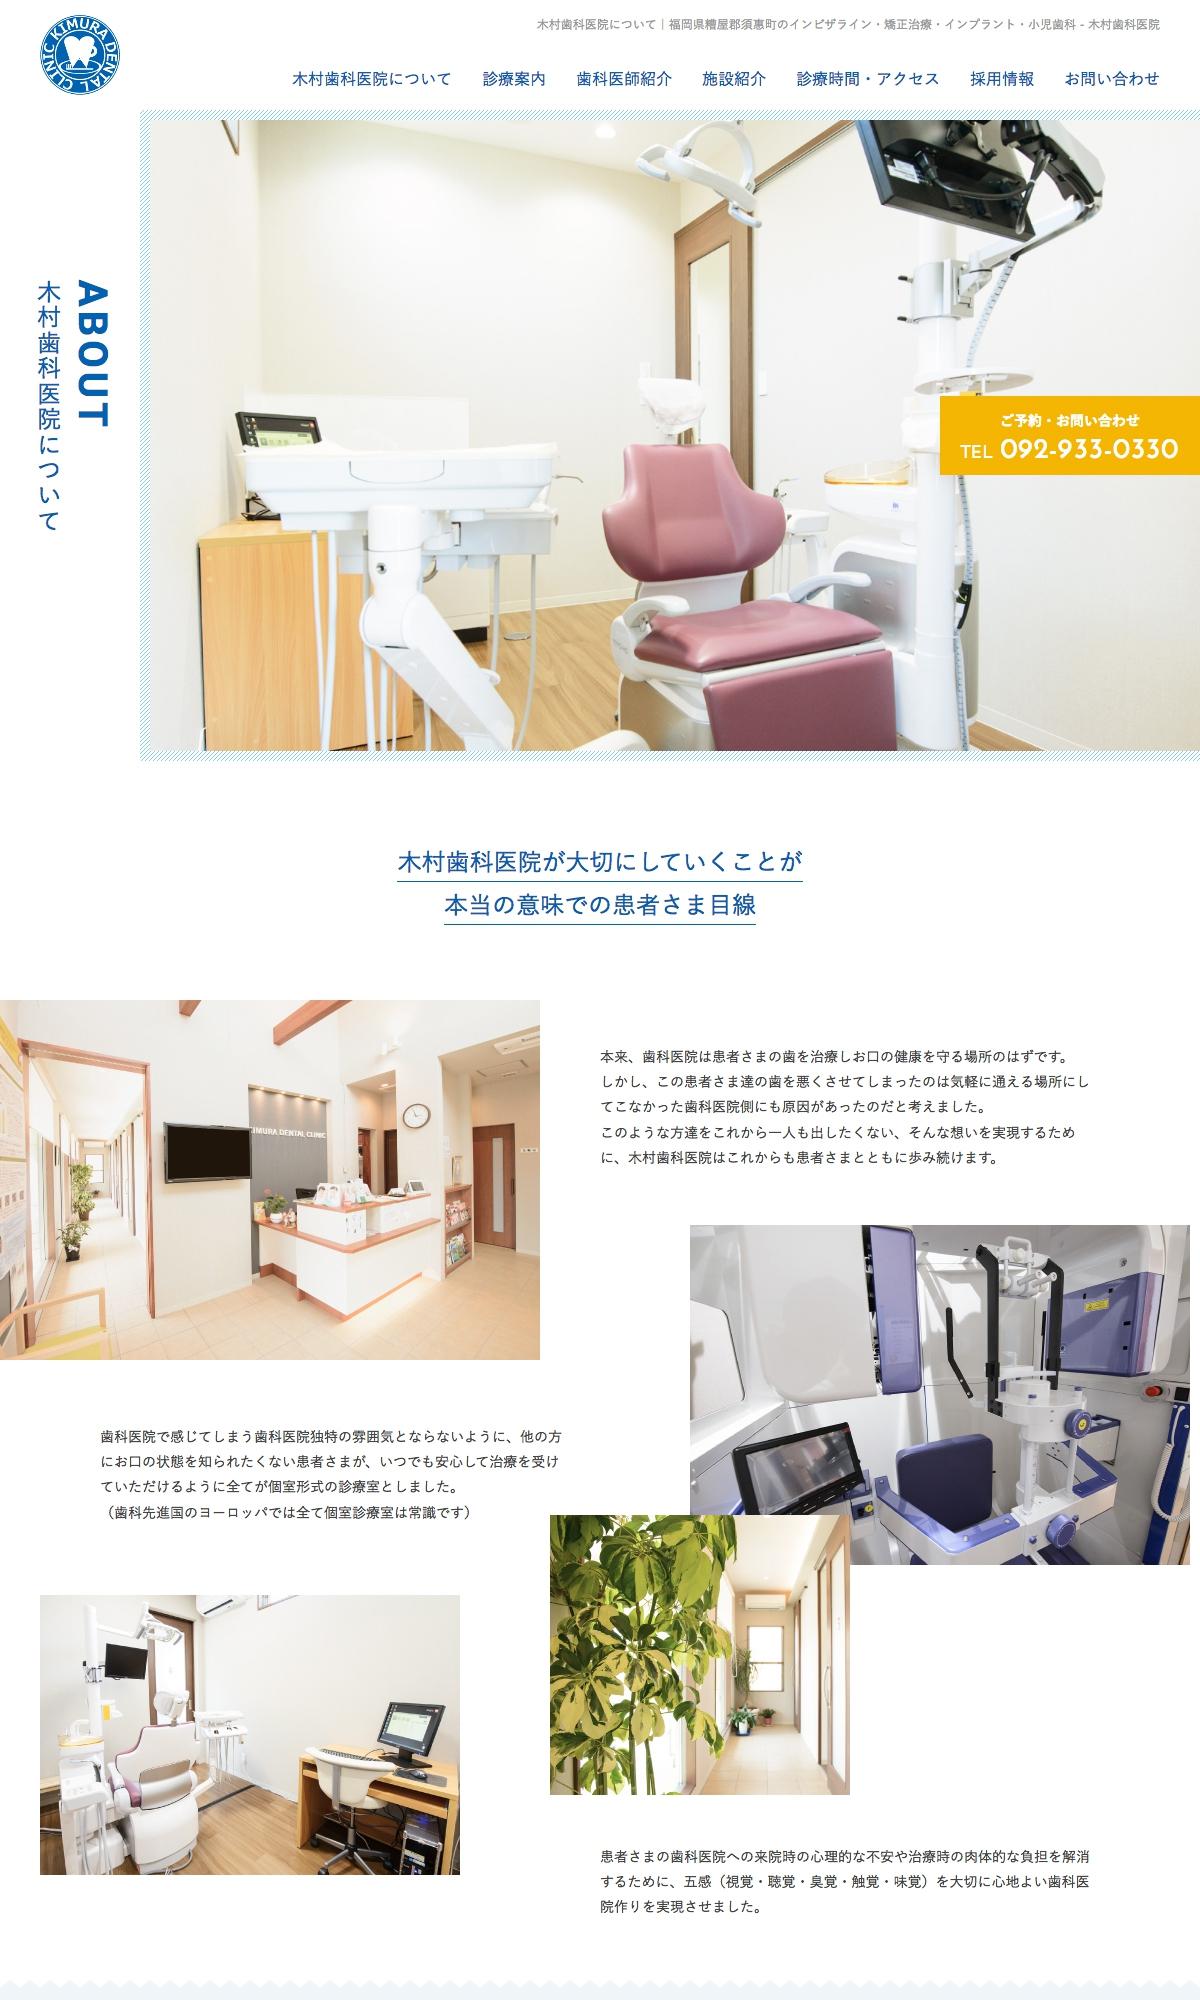 [写真]WEB 木村歯科医院 2